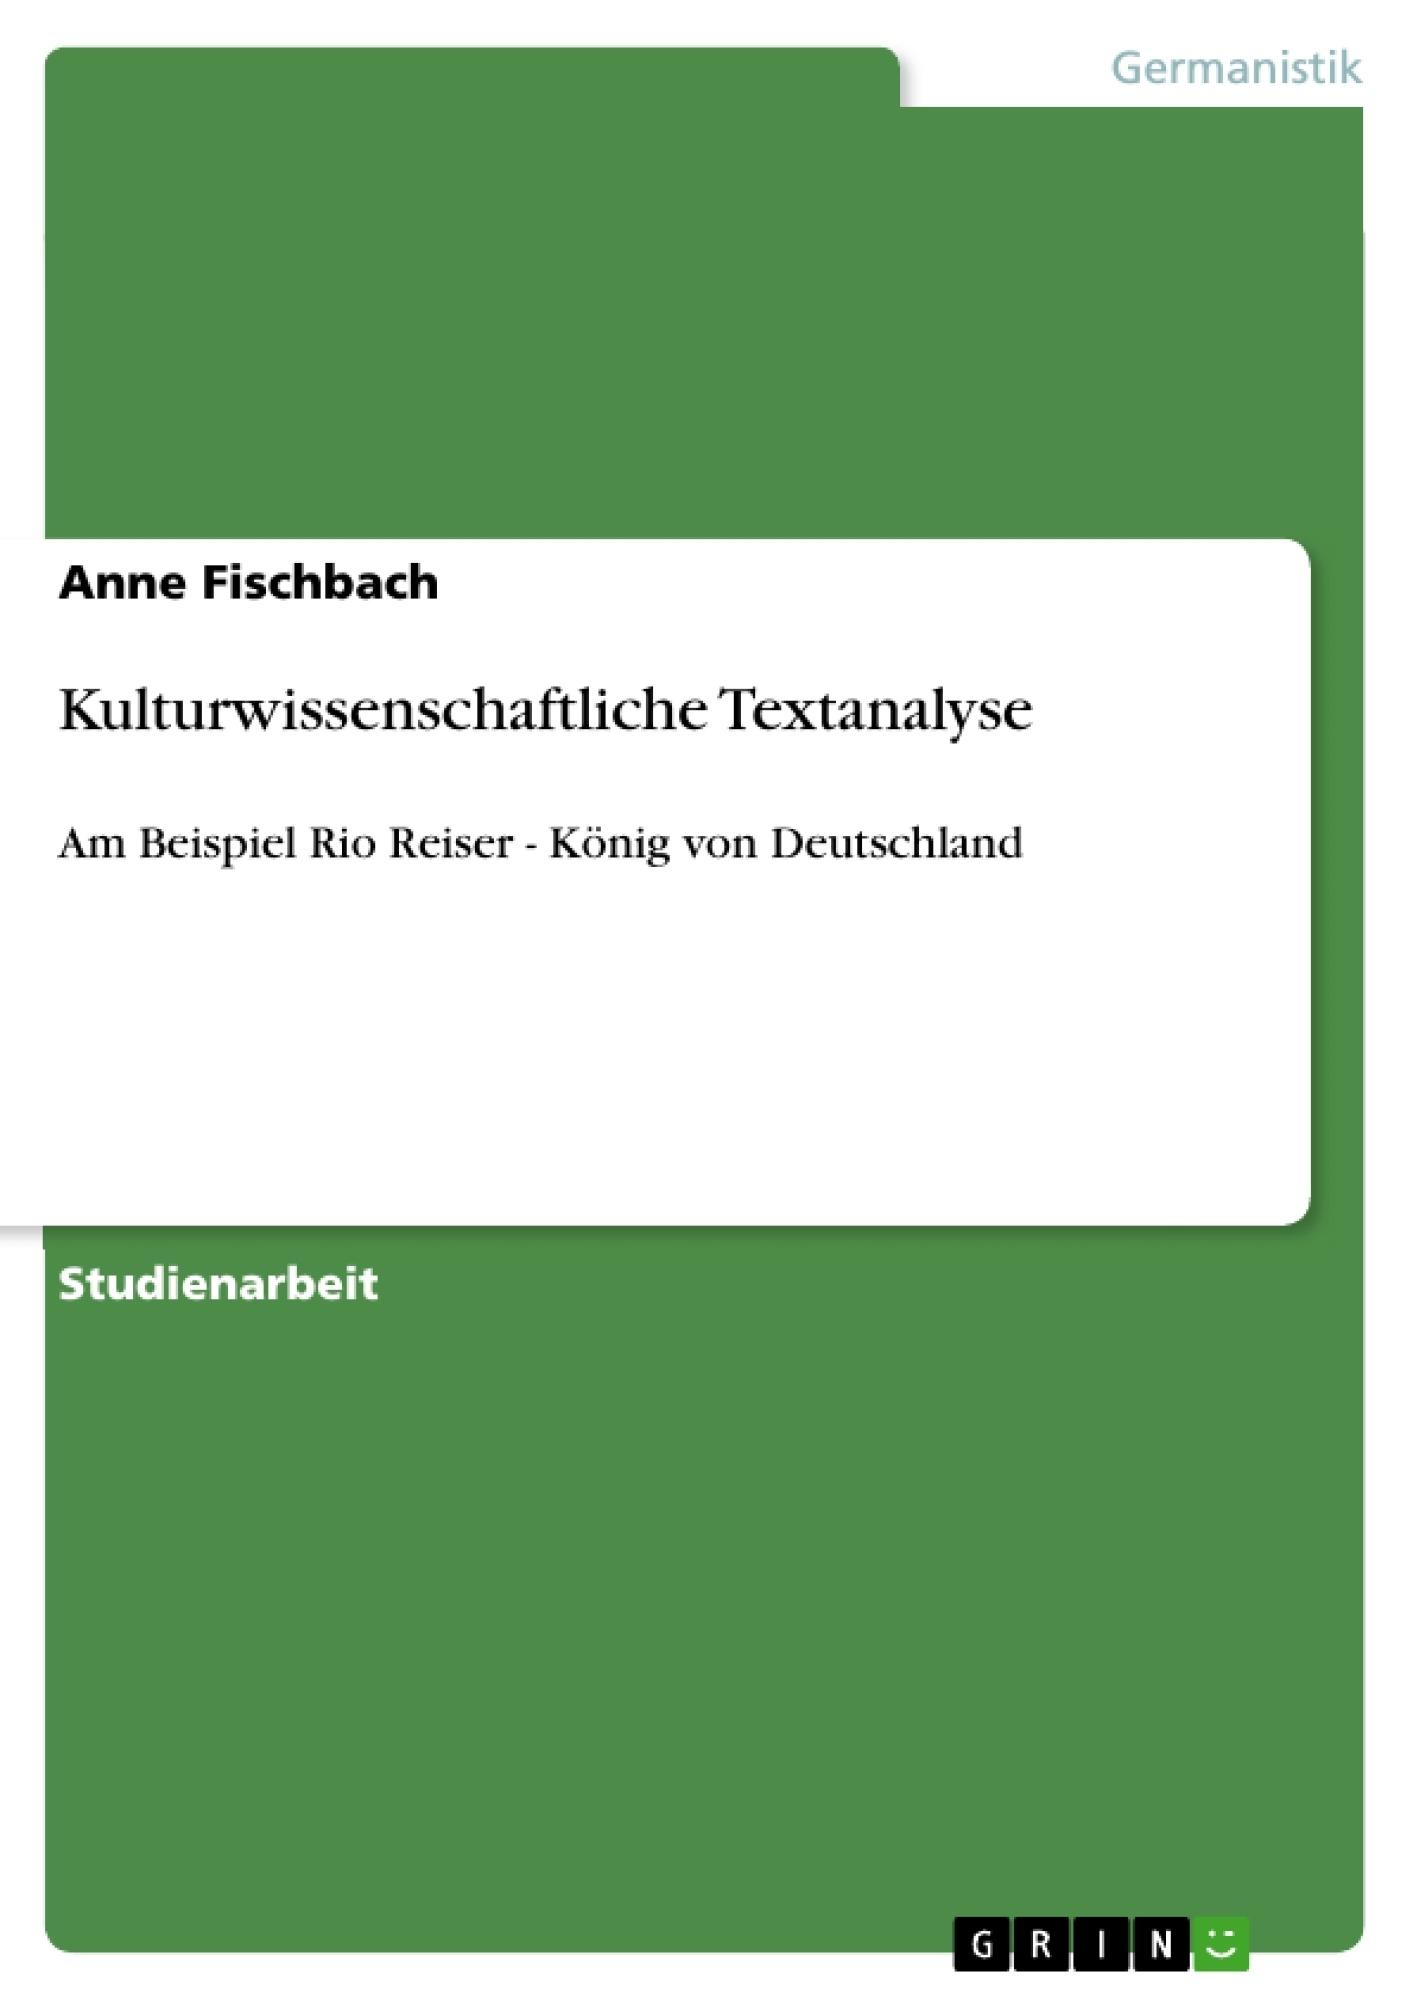 Titel: Kulturwissenschaftliche Textanalyse